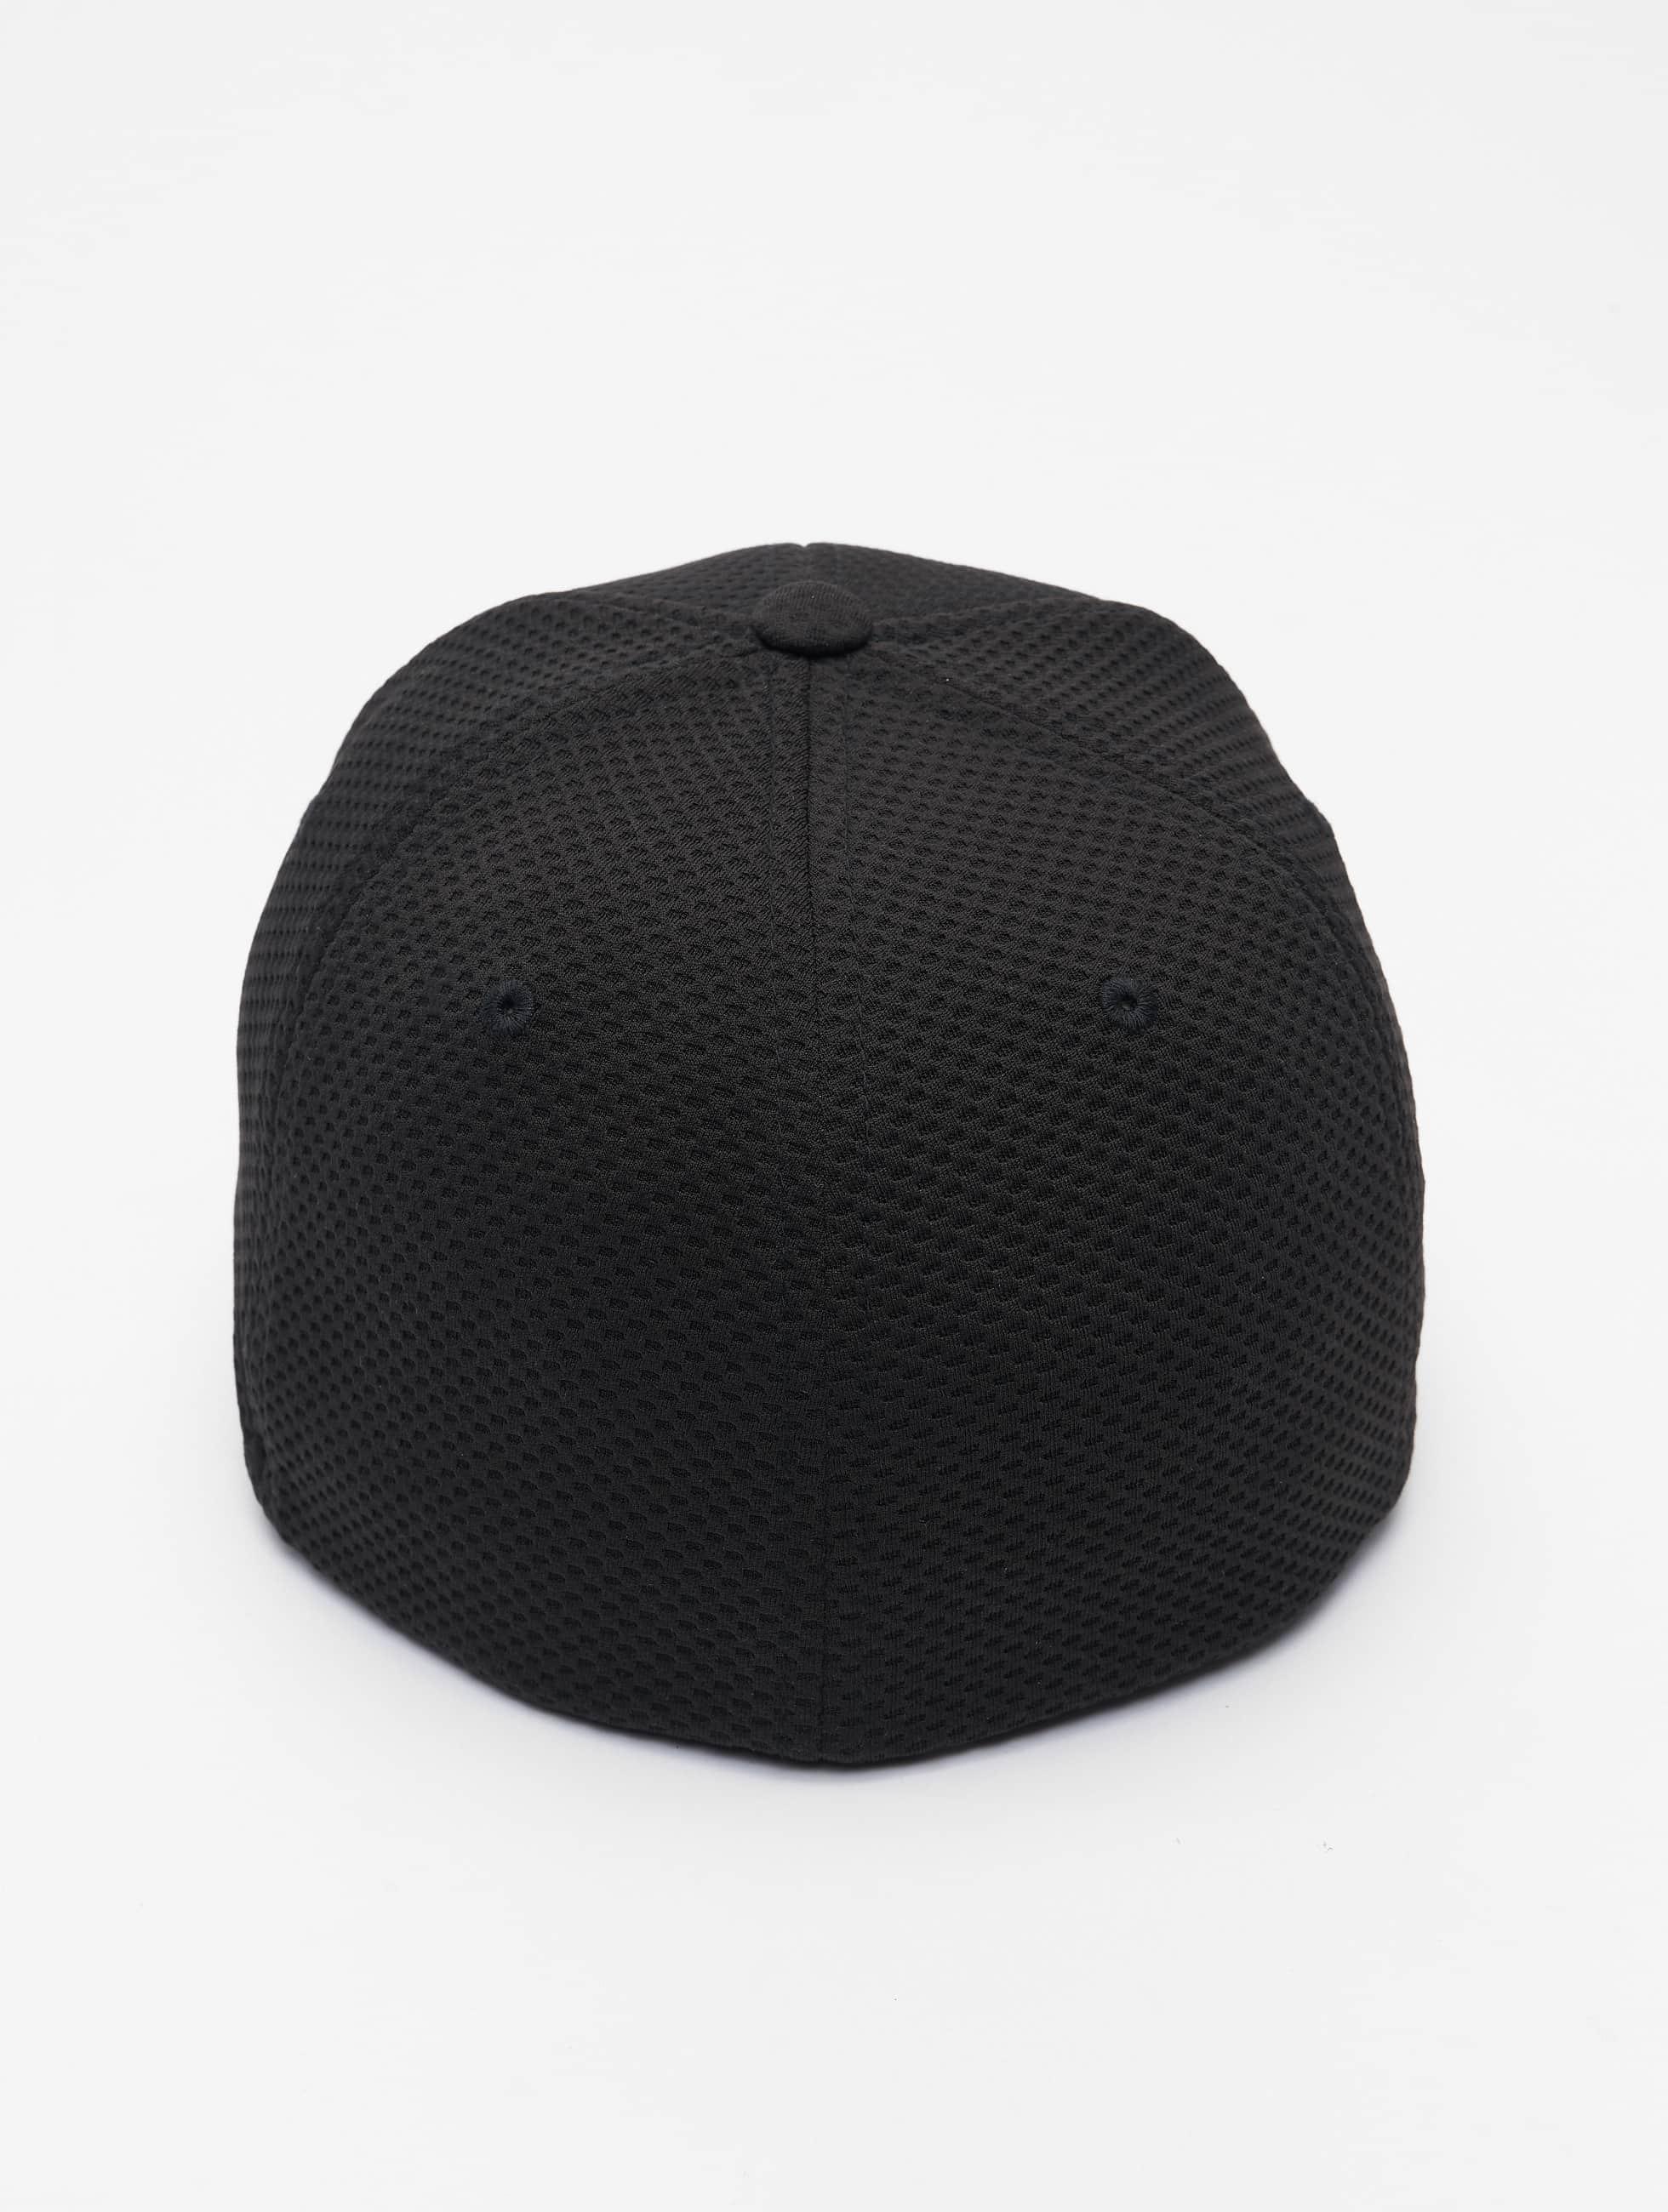 Flexfit Gorras Flexfitted 3D Hexagon negro